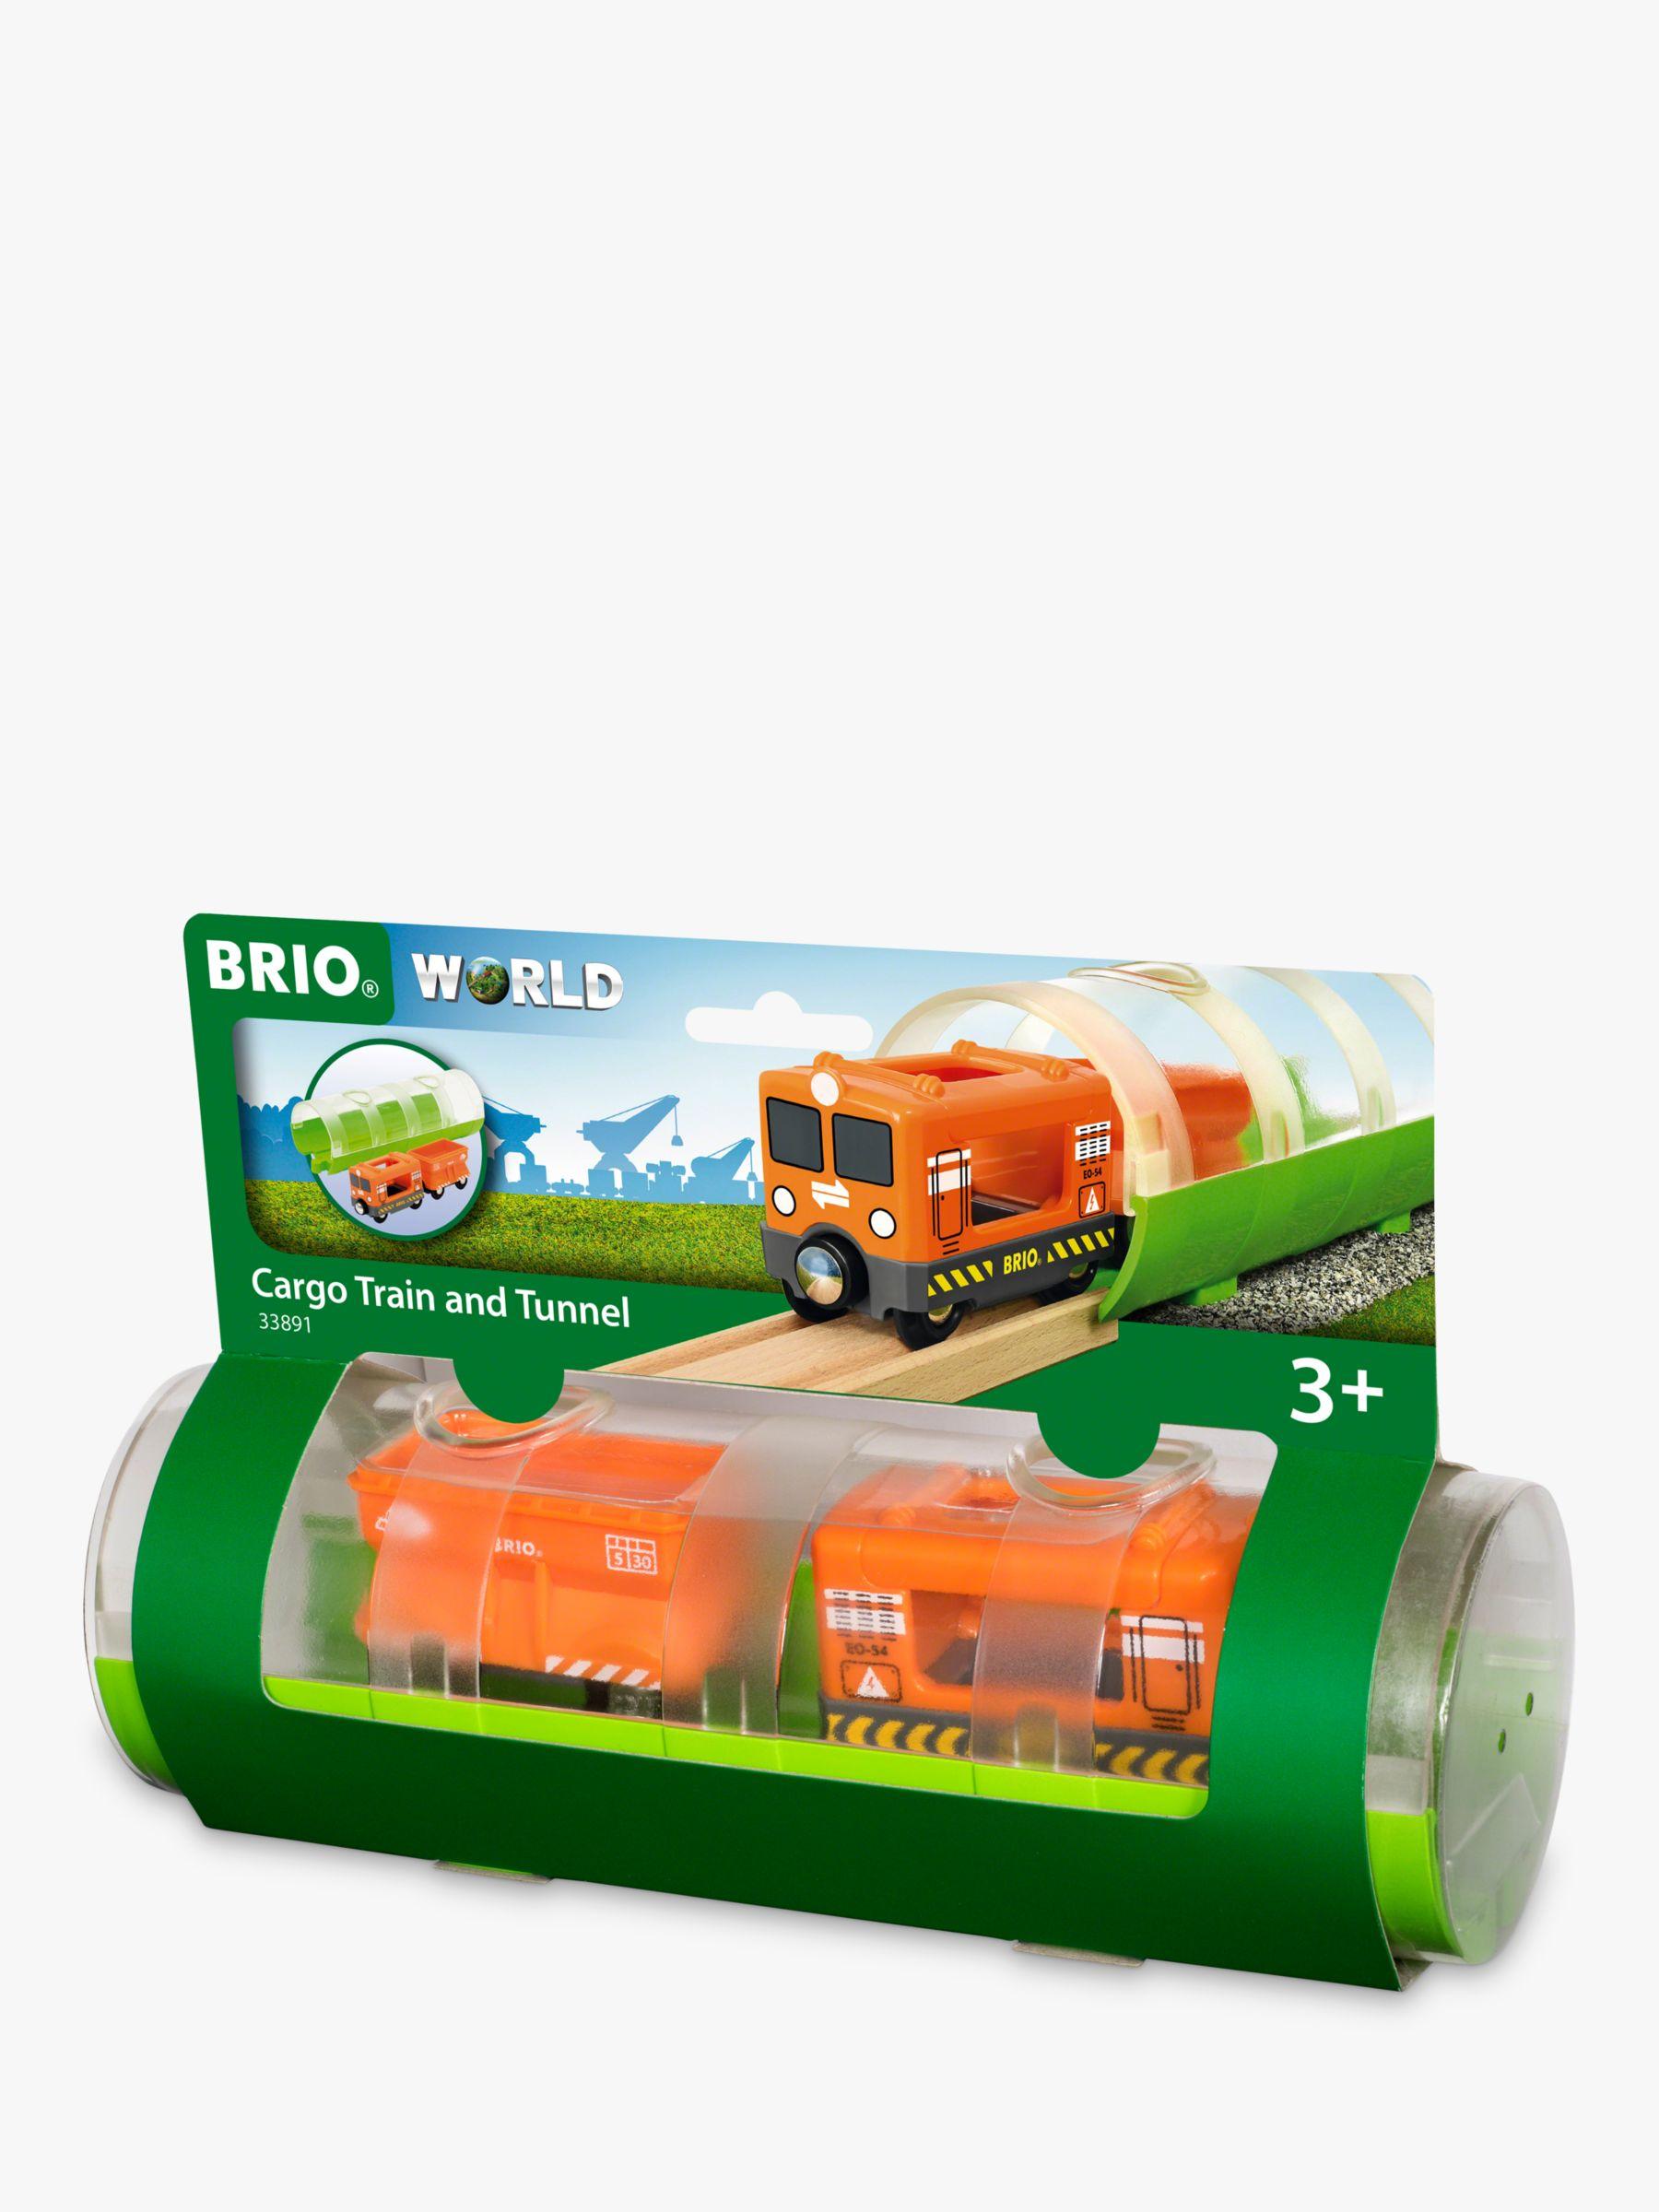 BRIO BRIO World Cargo Train and Tunnel